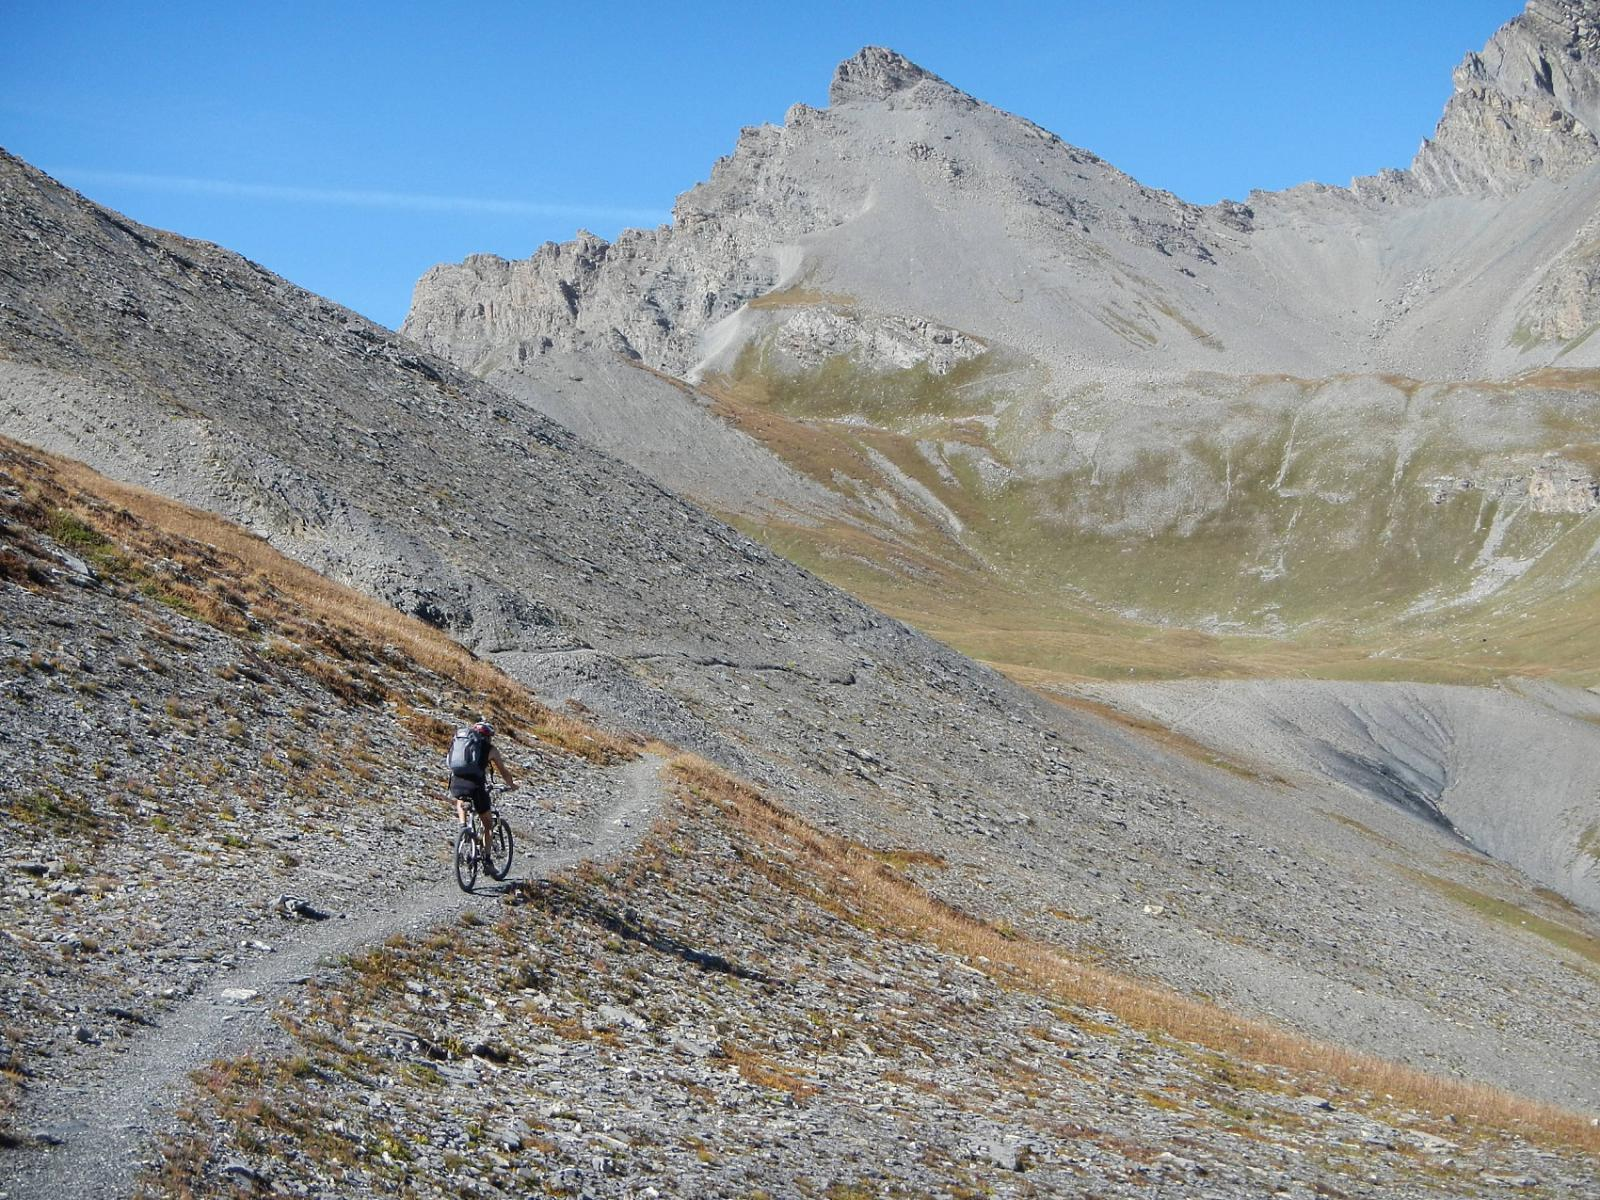 il traverso su sentiero; di fronte la Rocca dei Tre Vescovi 2867 m.